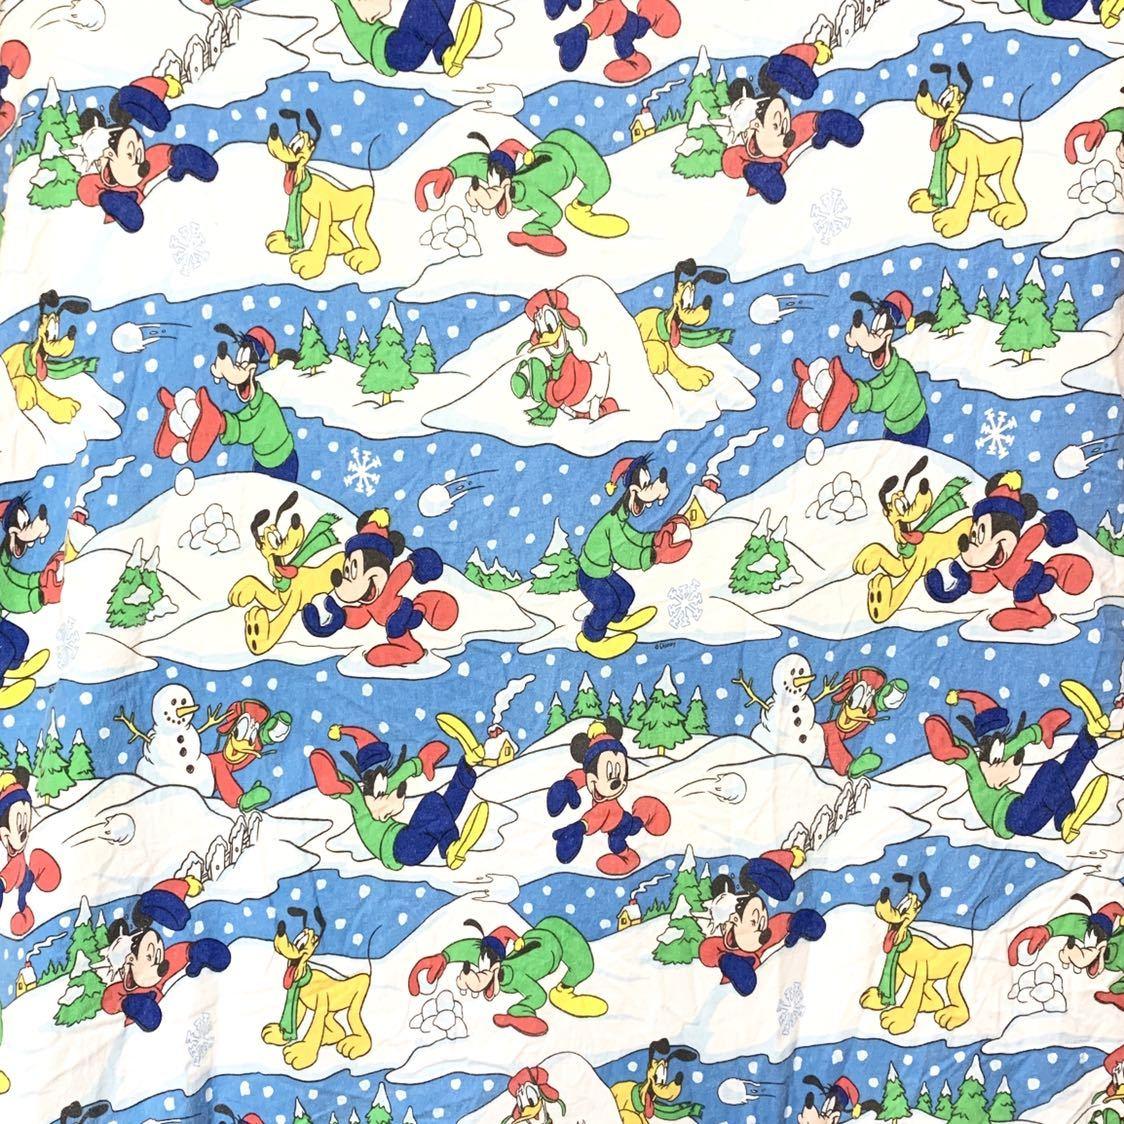 ■レア ビンテージ Disney ミッキーマウス ミッキー 雪 雪合戦 総柄 フランネル生地 フラットタイプ ベッドシーツ 古着 リメイク生地■_画像1